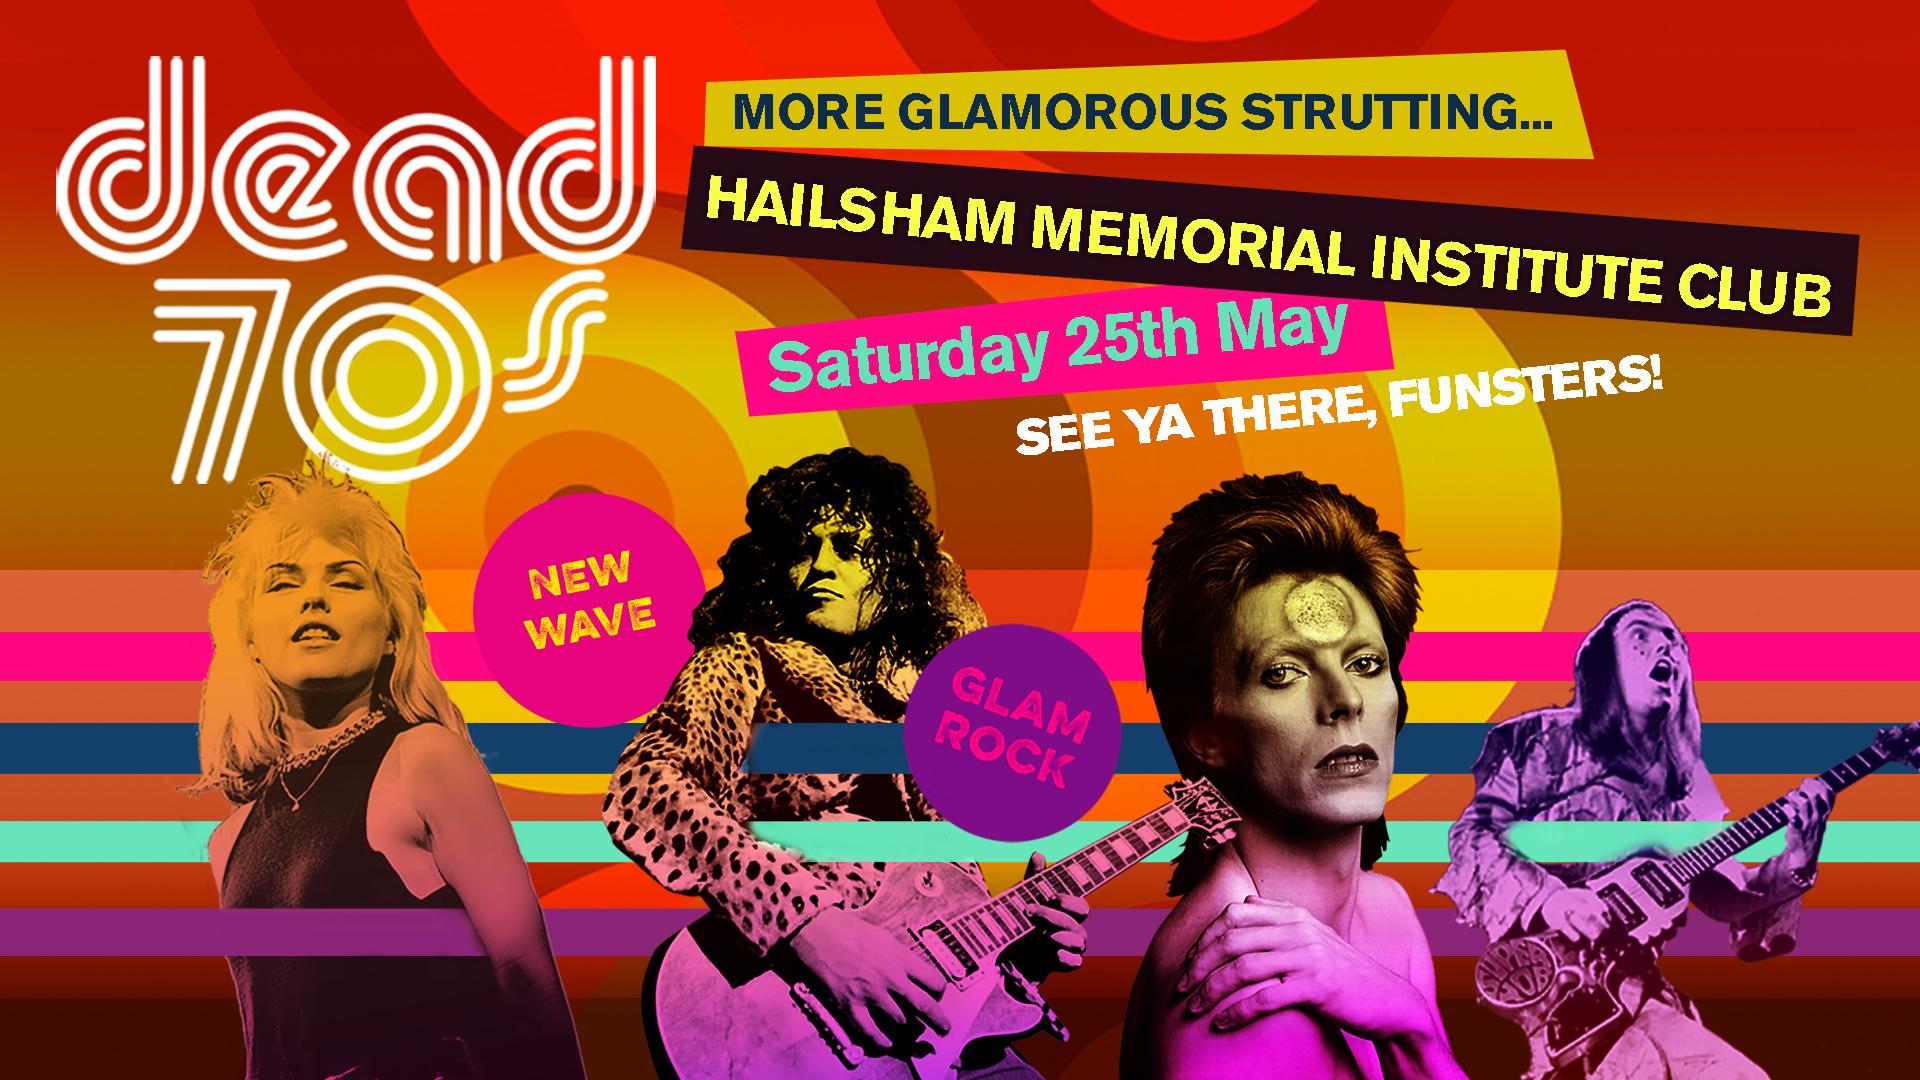 Hailsham Memorial Institute Club